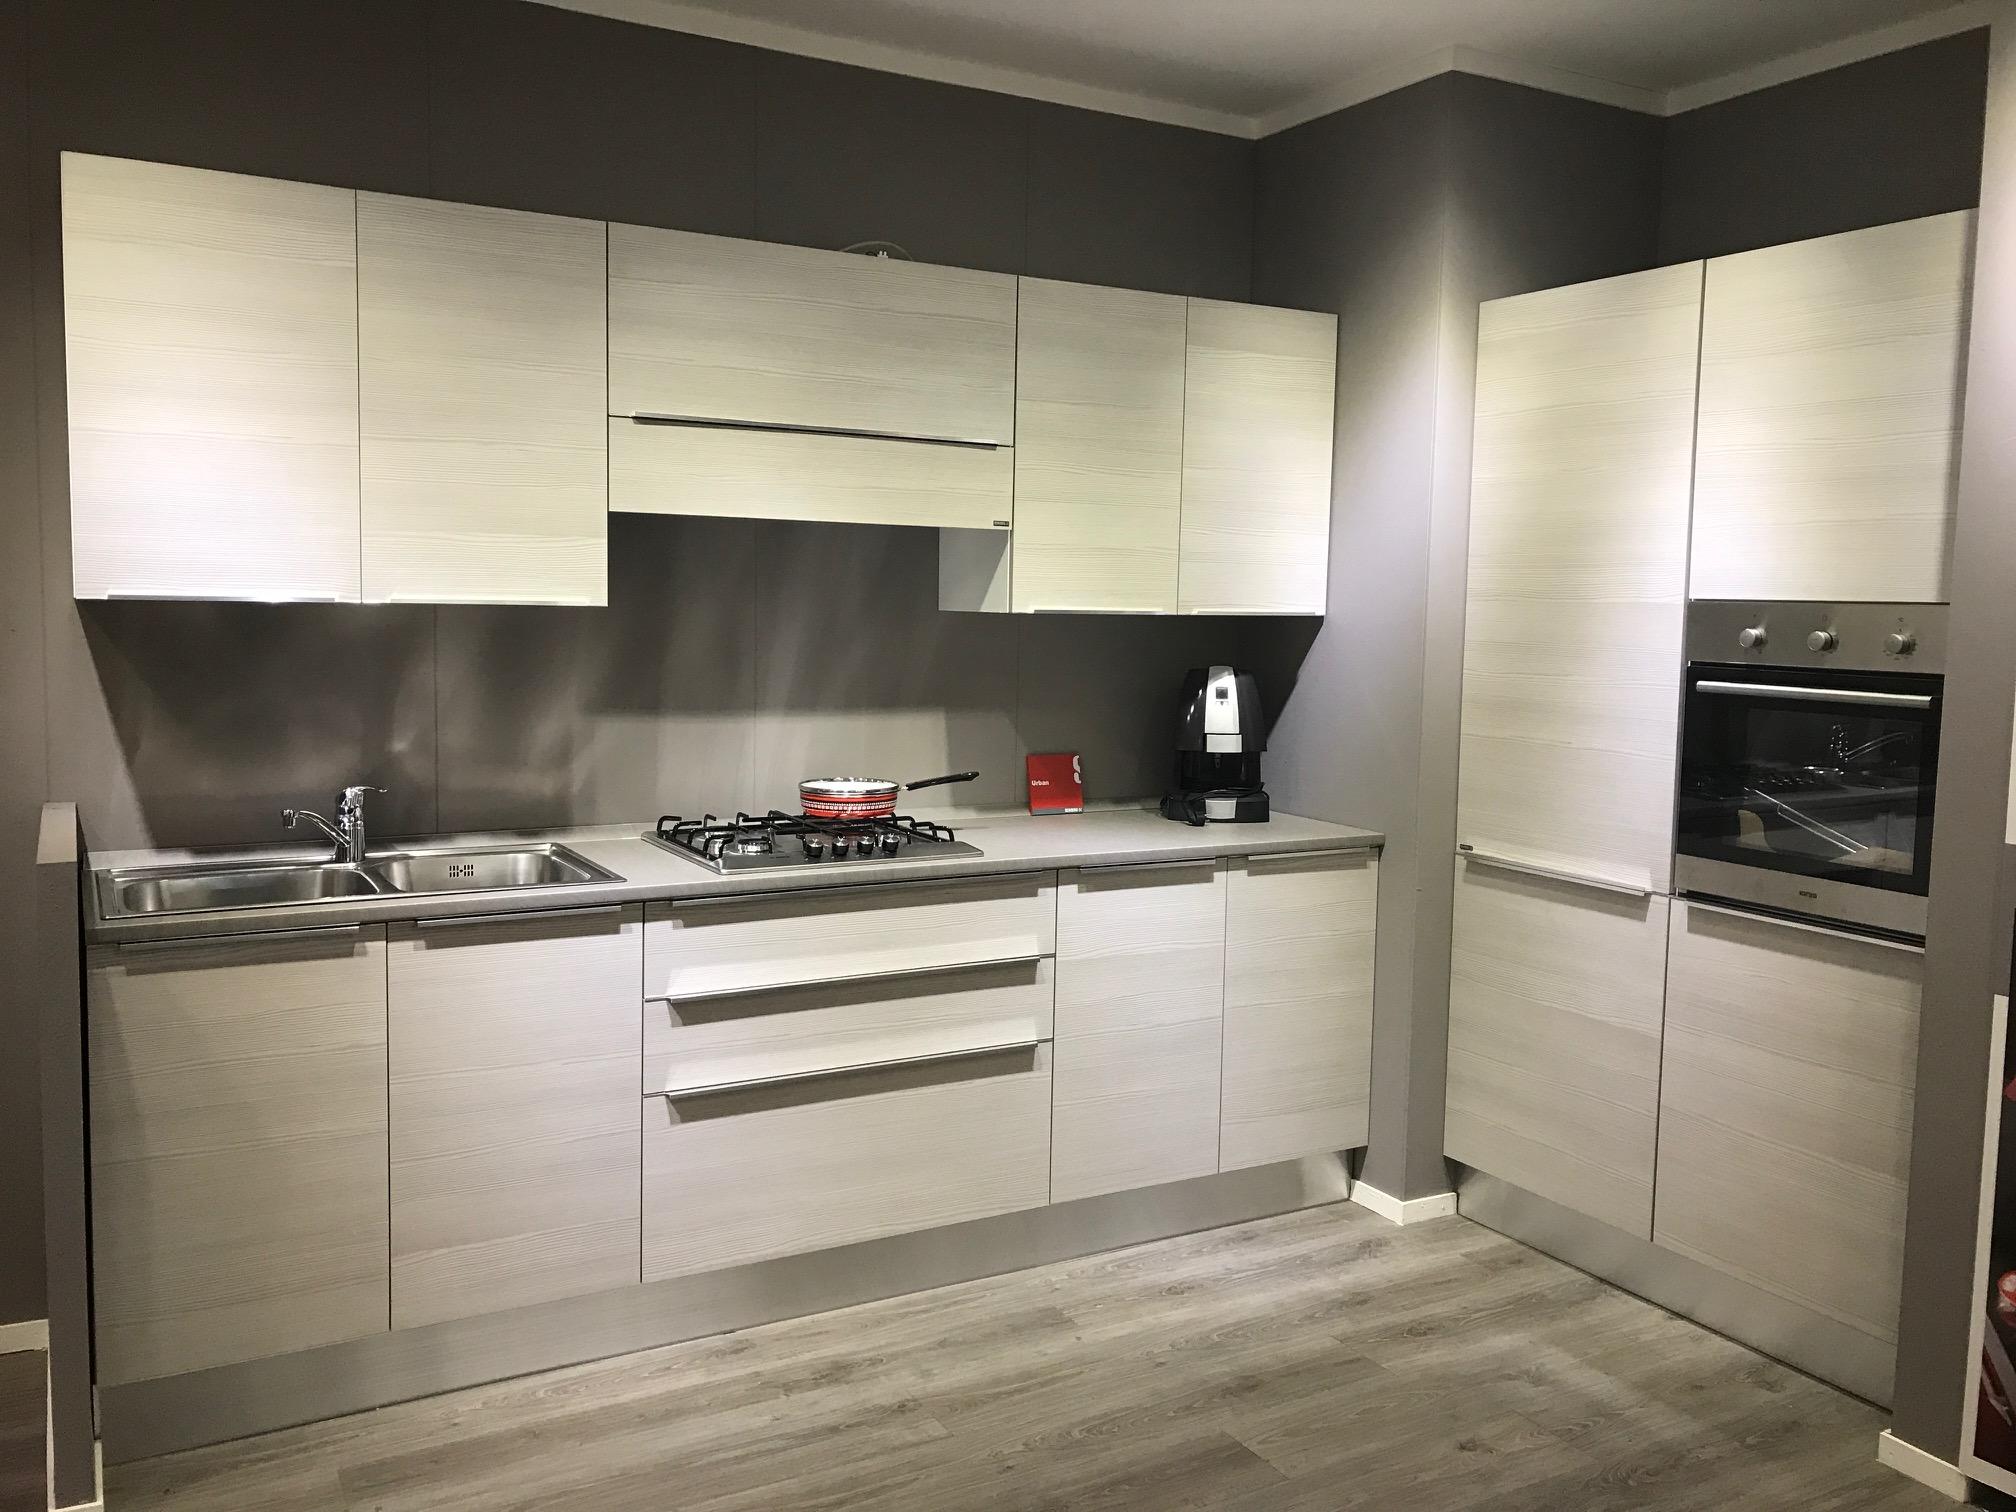 Offerta cucina scavolini easy modello urban san gaetano for Turco arredamenti offerte